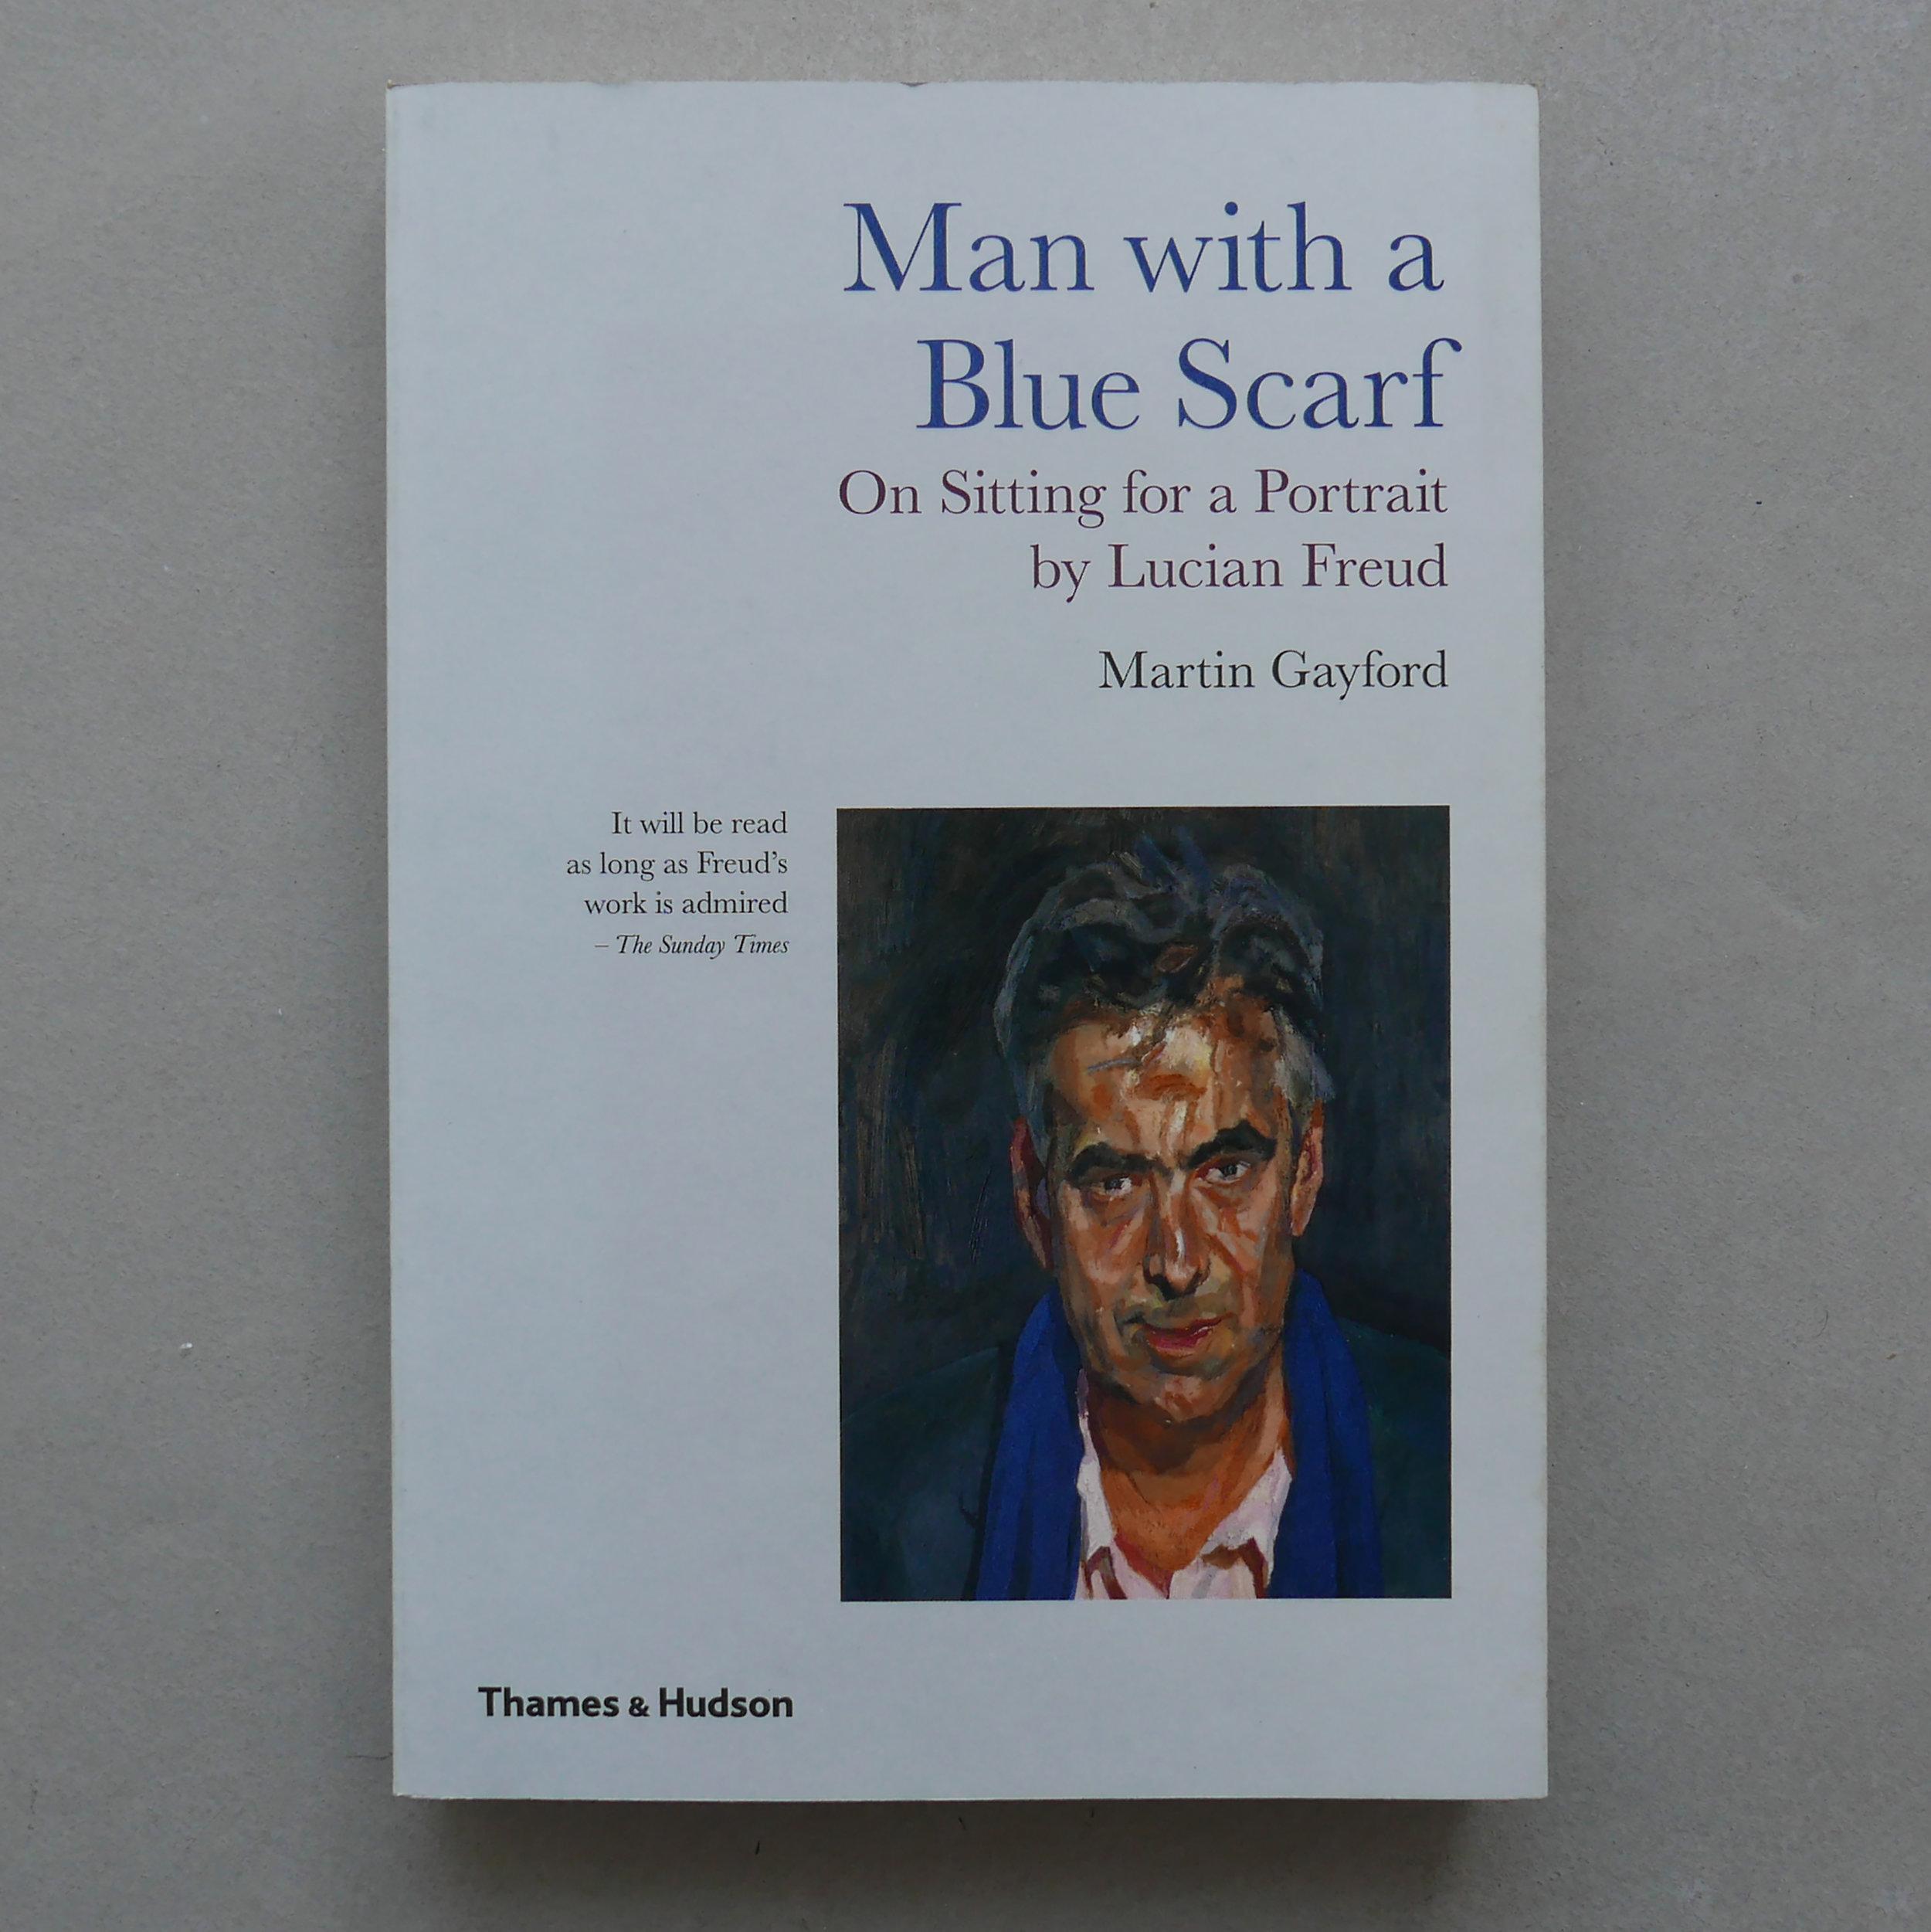 Man with a Blue Scarf - Martin Gayford